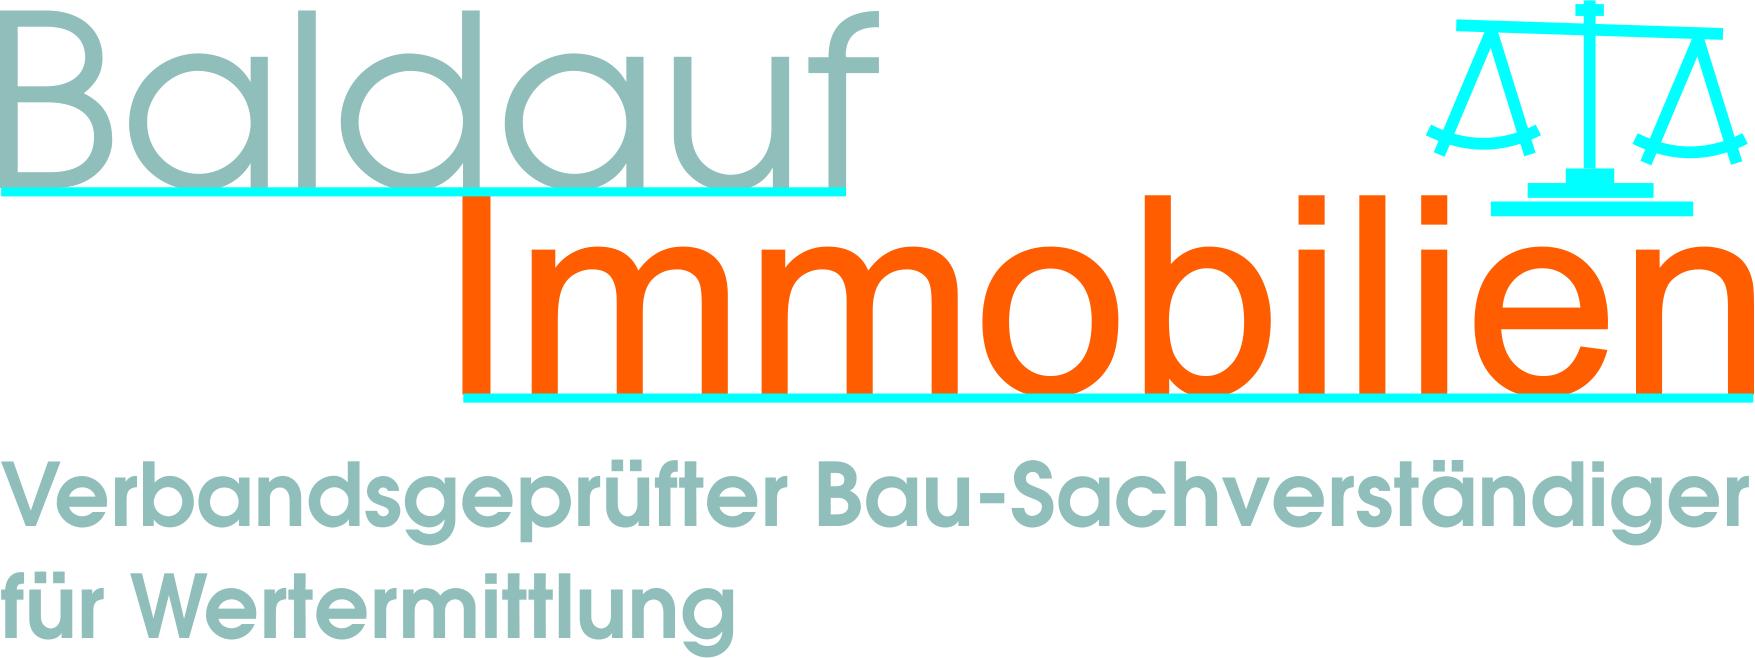 Hier sehen Sie das Logo von Baldauf-Immobilien-Verwaltung